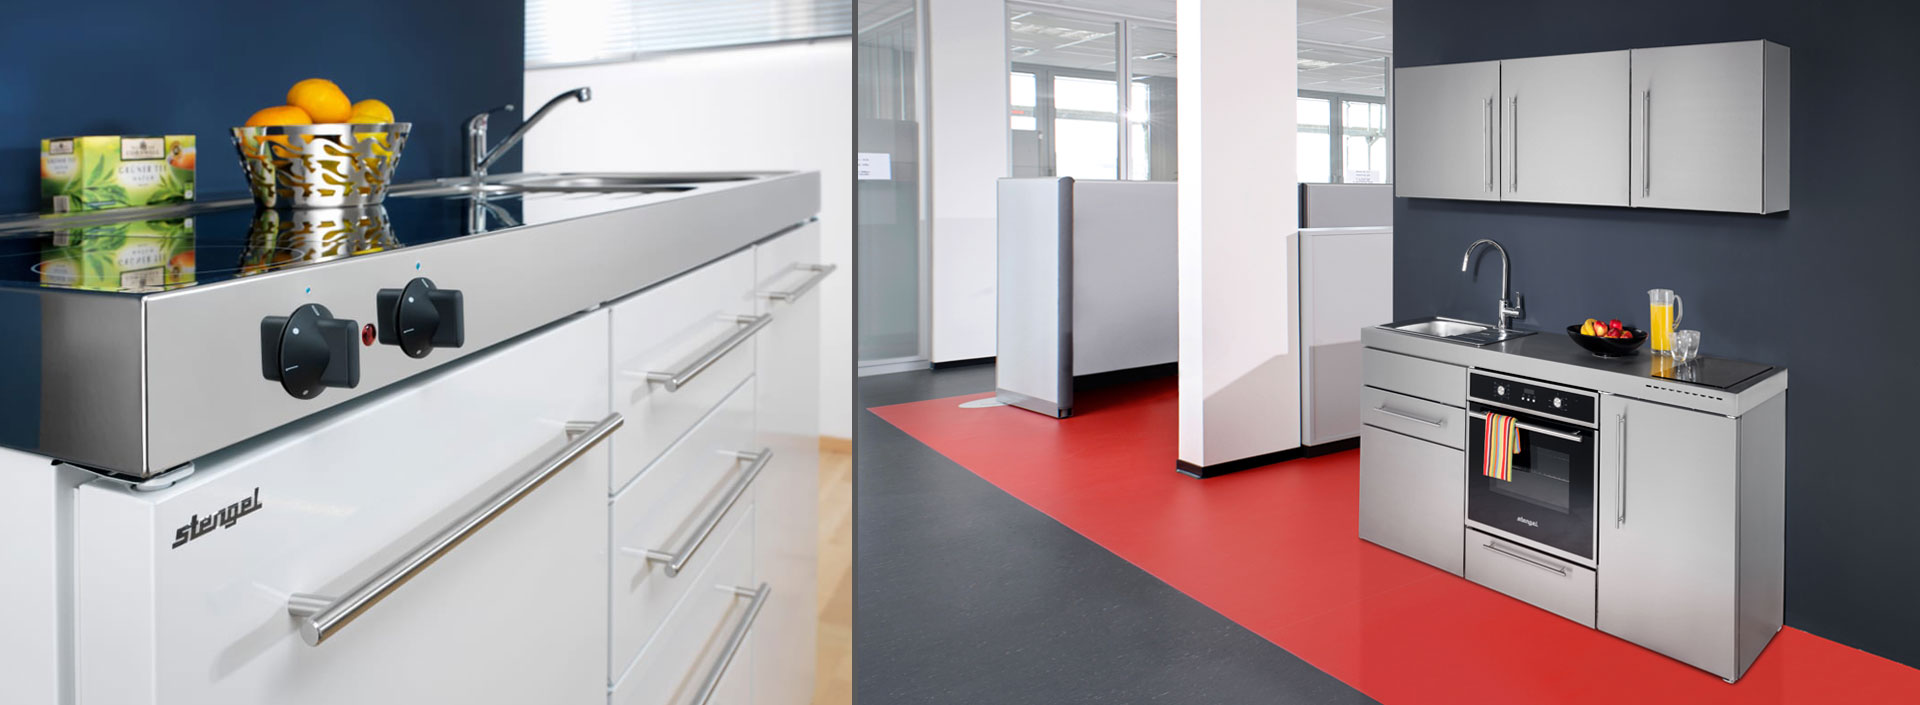 Kimbrer minikøkken - Premiumline kompakt minikøkken i rustfrit stål - vælg mellem mange varianter og 8 flotte farver. Plads til at spise, arbejde, leve.